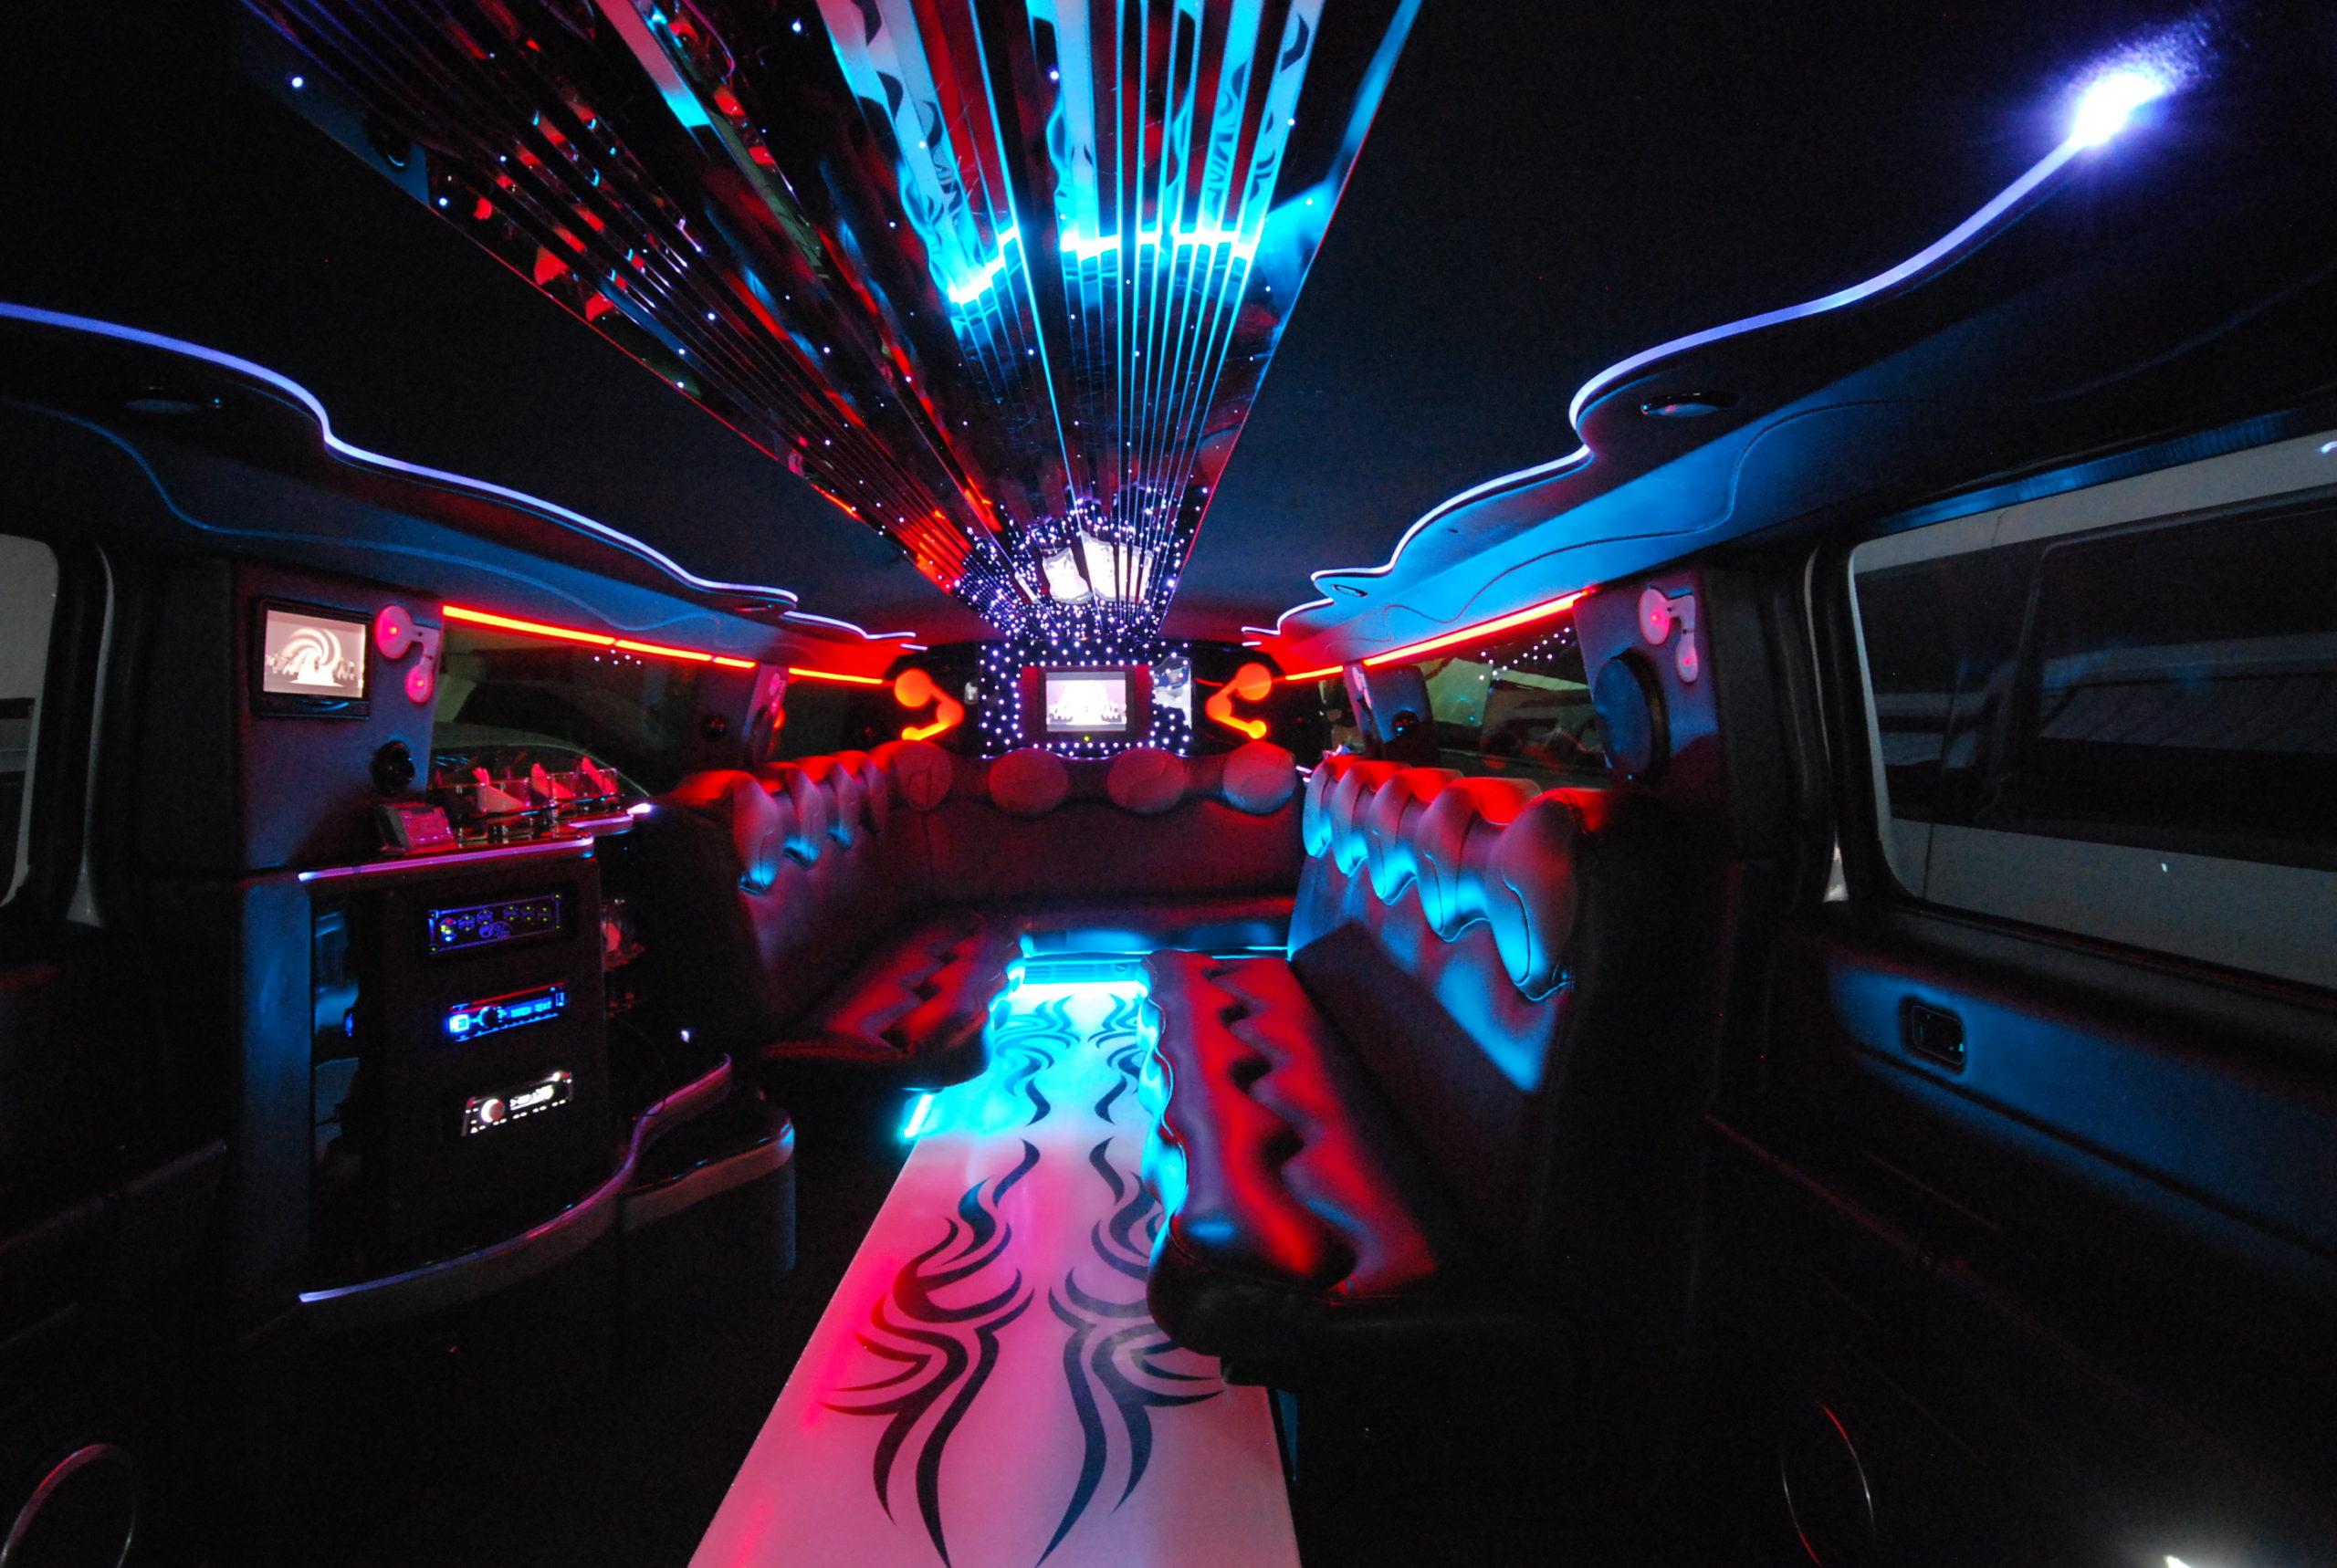 interno limousine Hummer H2 con riflessi di luce azzurra e rossa